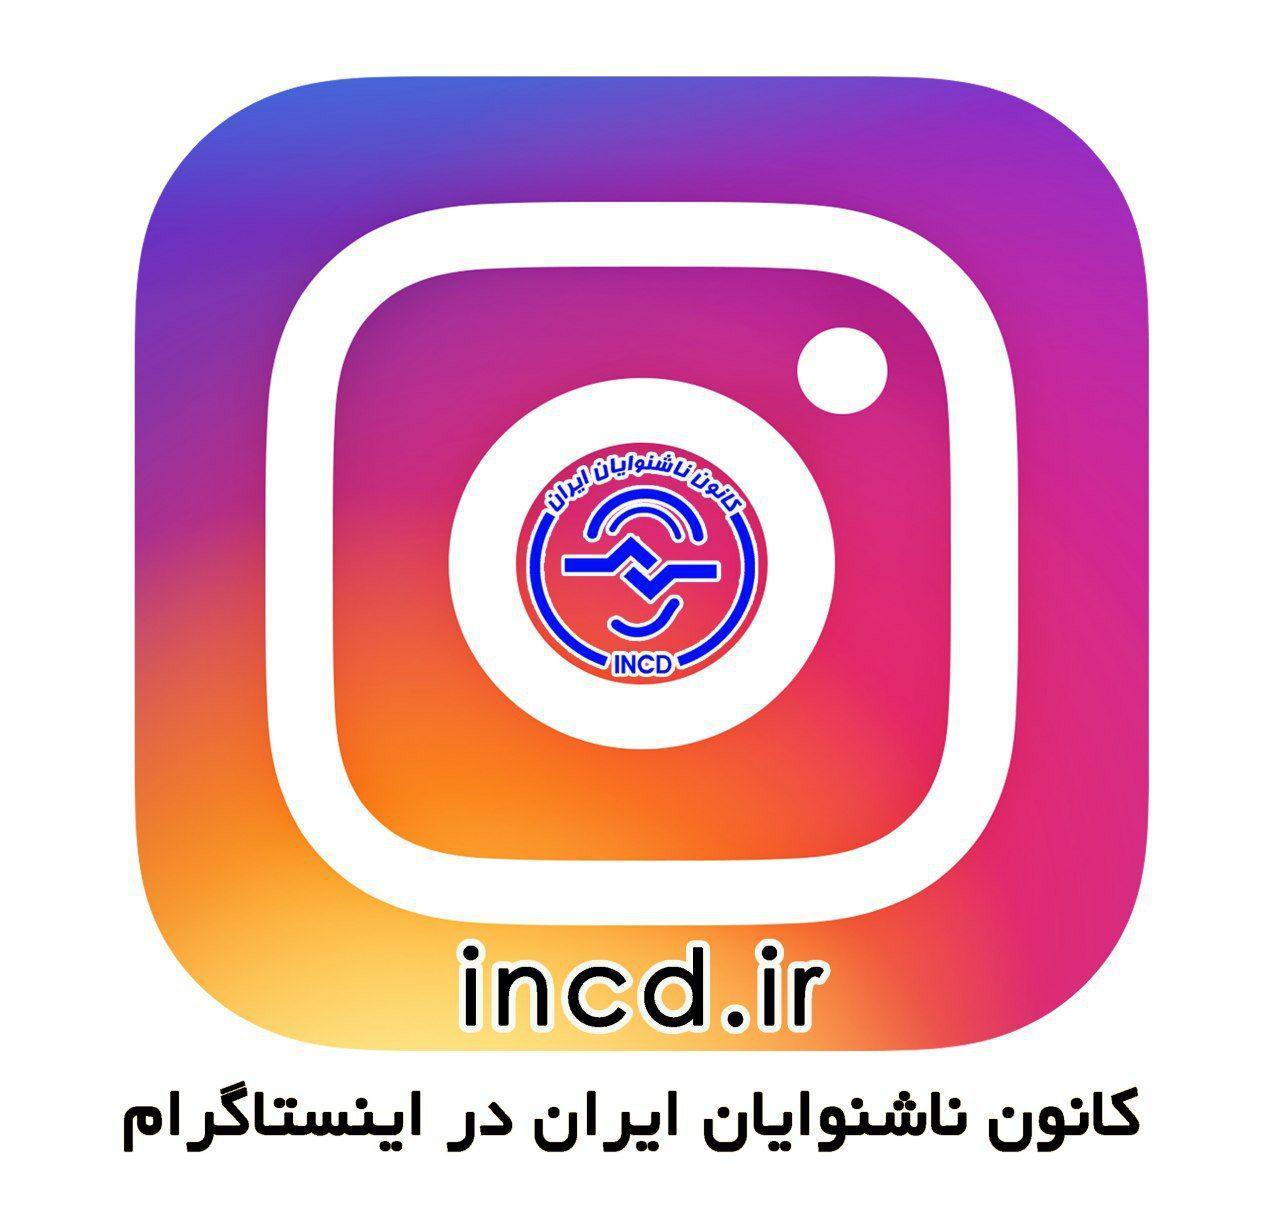 اینستاگرام کانون ناشنوایان ایران